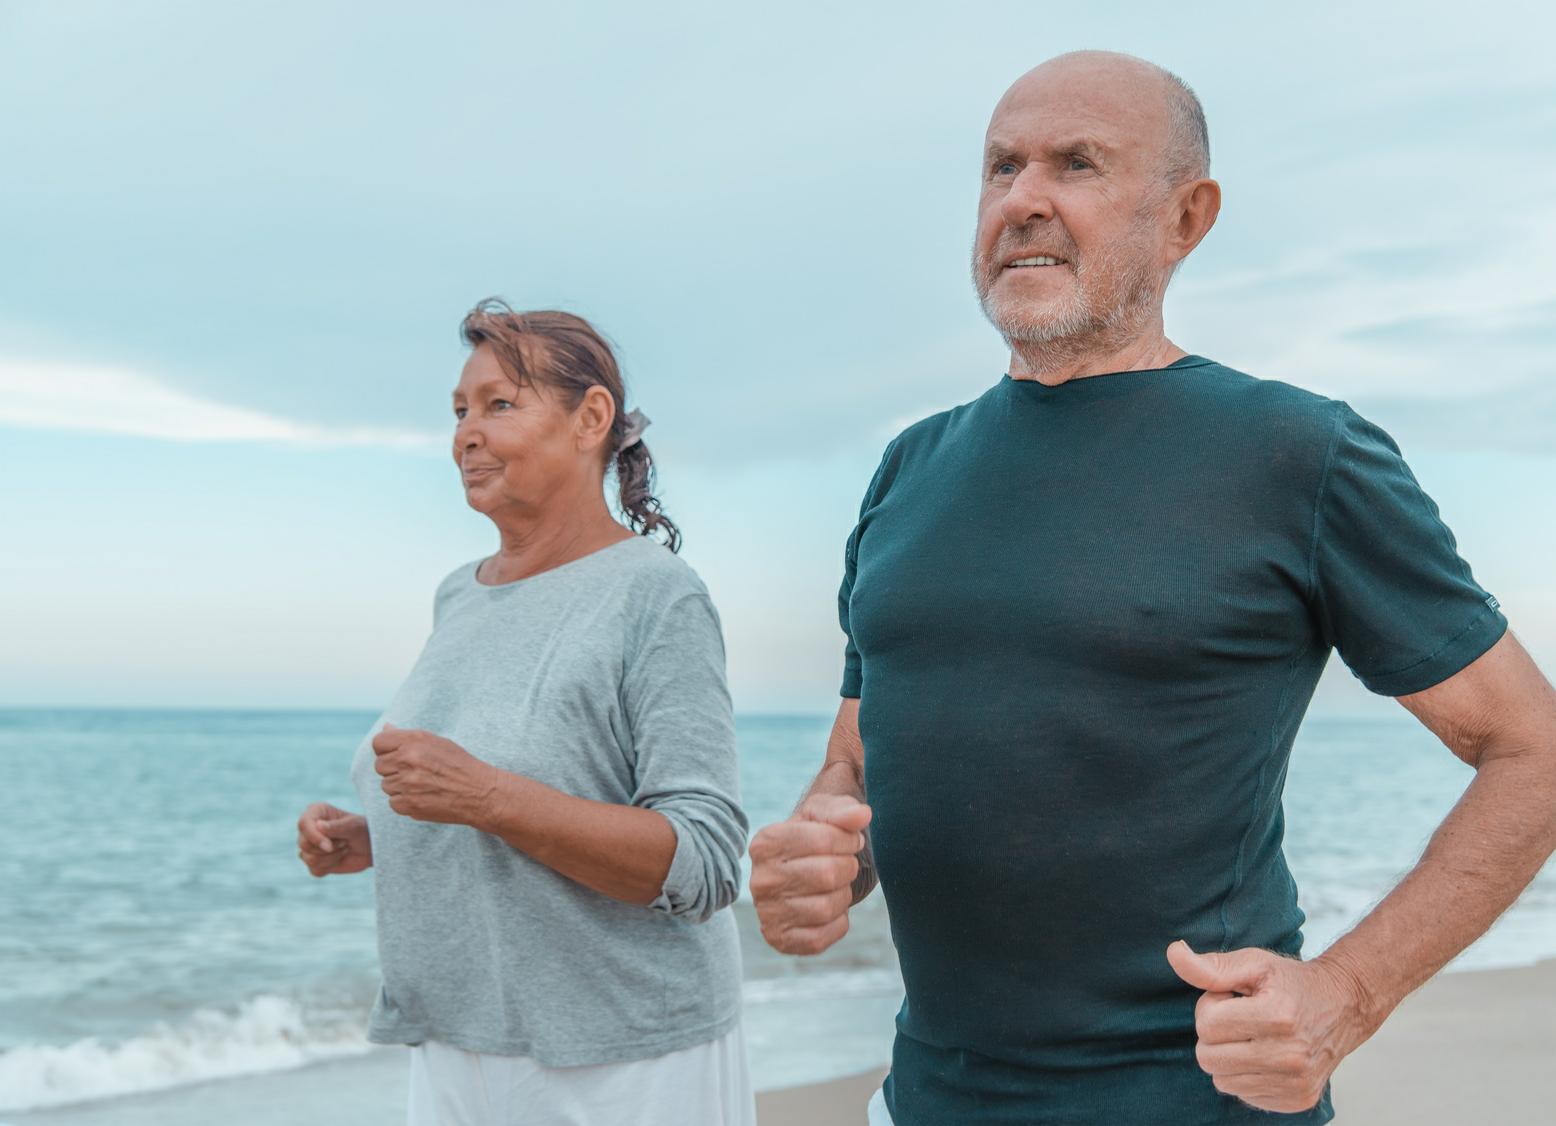 認知症リスクは糖尿病予備群の段階で上昇 体と心を活発に動かして予防